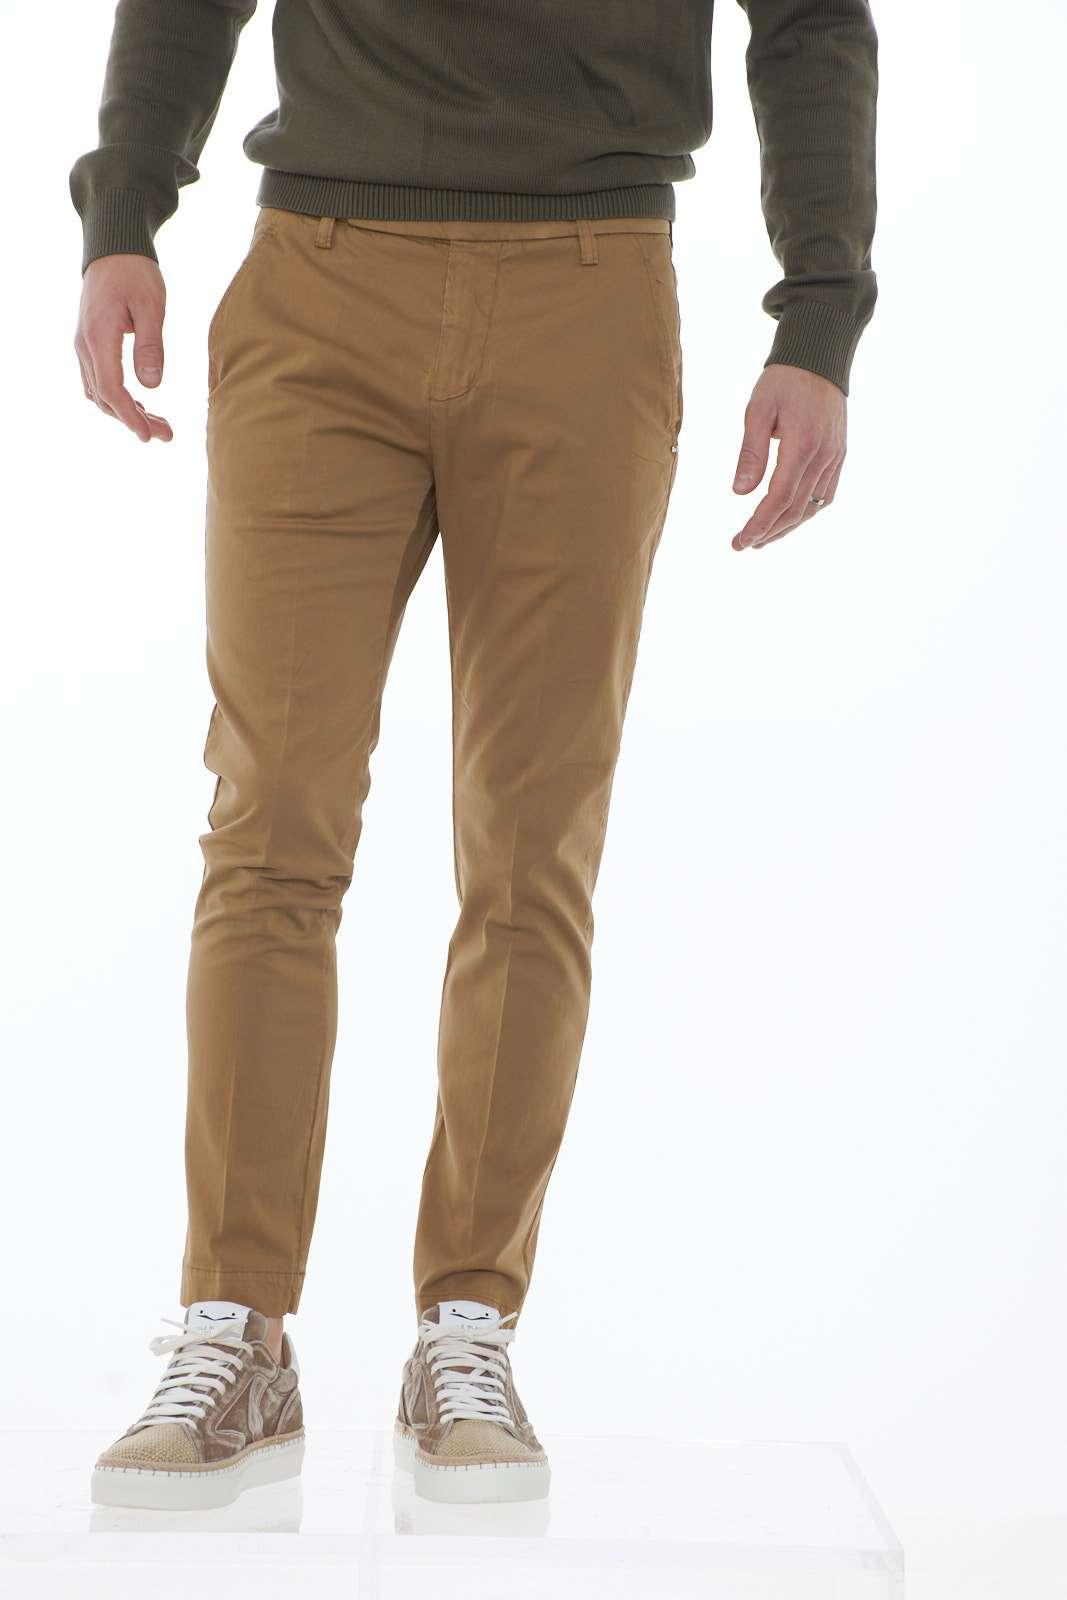 Un look casual chic per i nuovi pantaloni in misto seta e cotone firmati Entre Amis. Il taglio slim fit e le classiche tasche america rappresentano questo capo evergreen. Da abbinare con giacche fashion, si abbinano anche agli outfit più formali.  Il modello è alto 1.80 e indossa la taglia 32